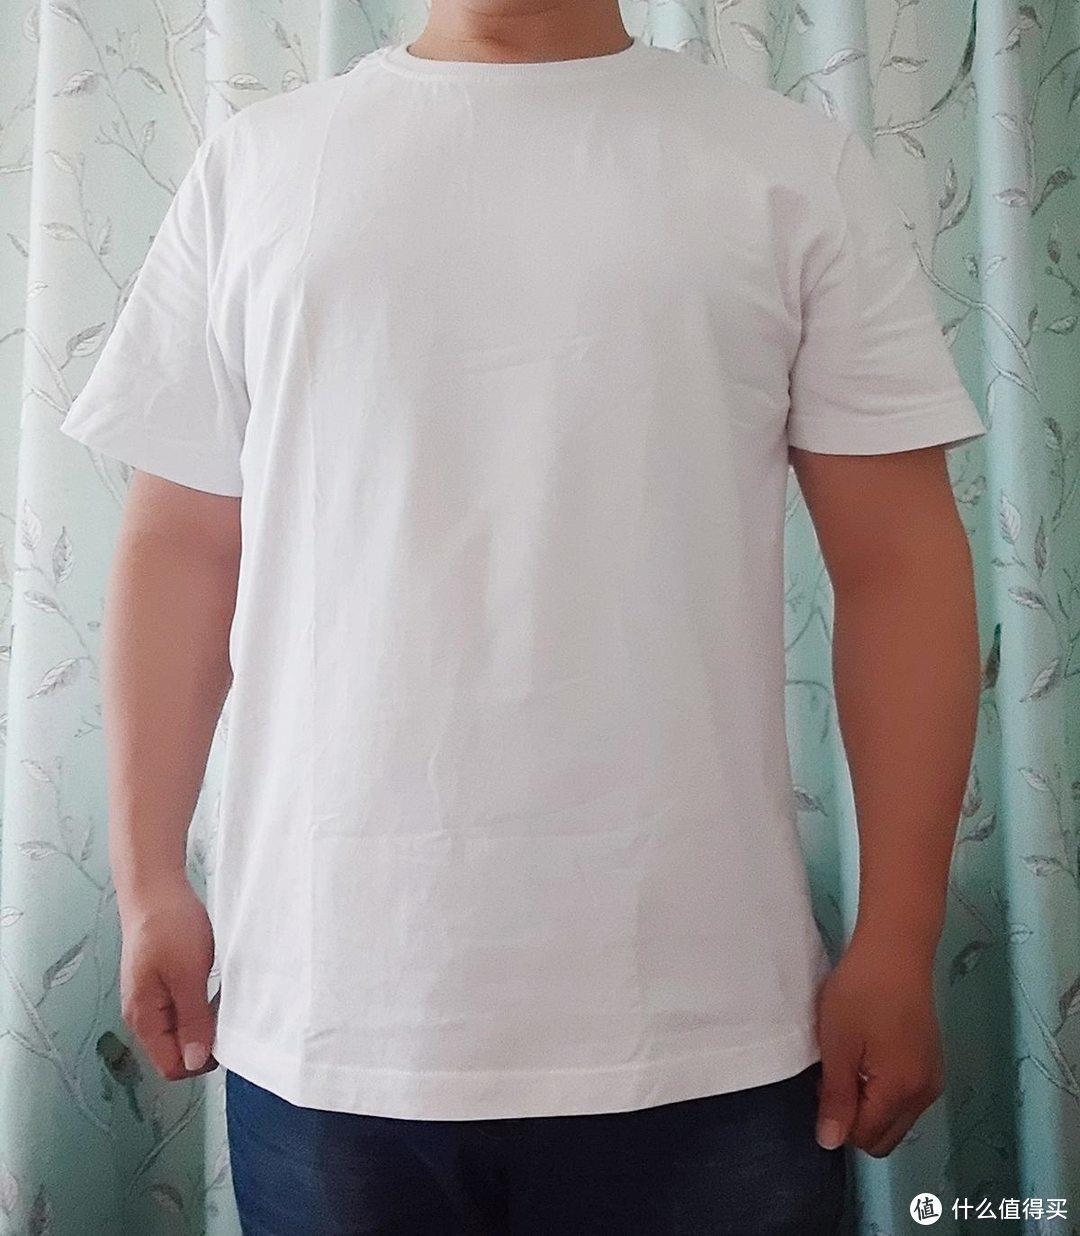 有品生活|纯棉舒适,上纺拾柒棉速吸T恤的穿着体验